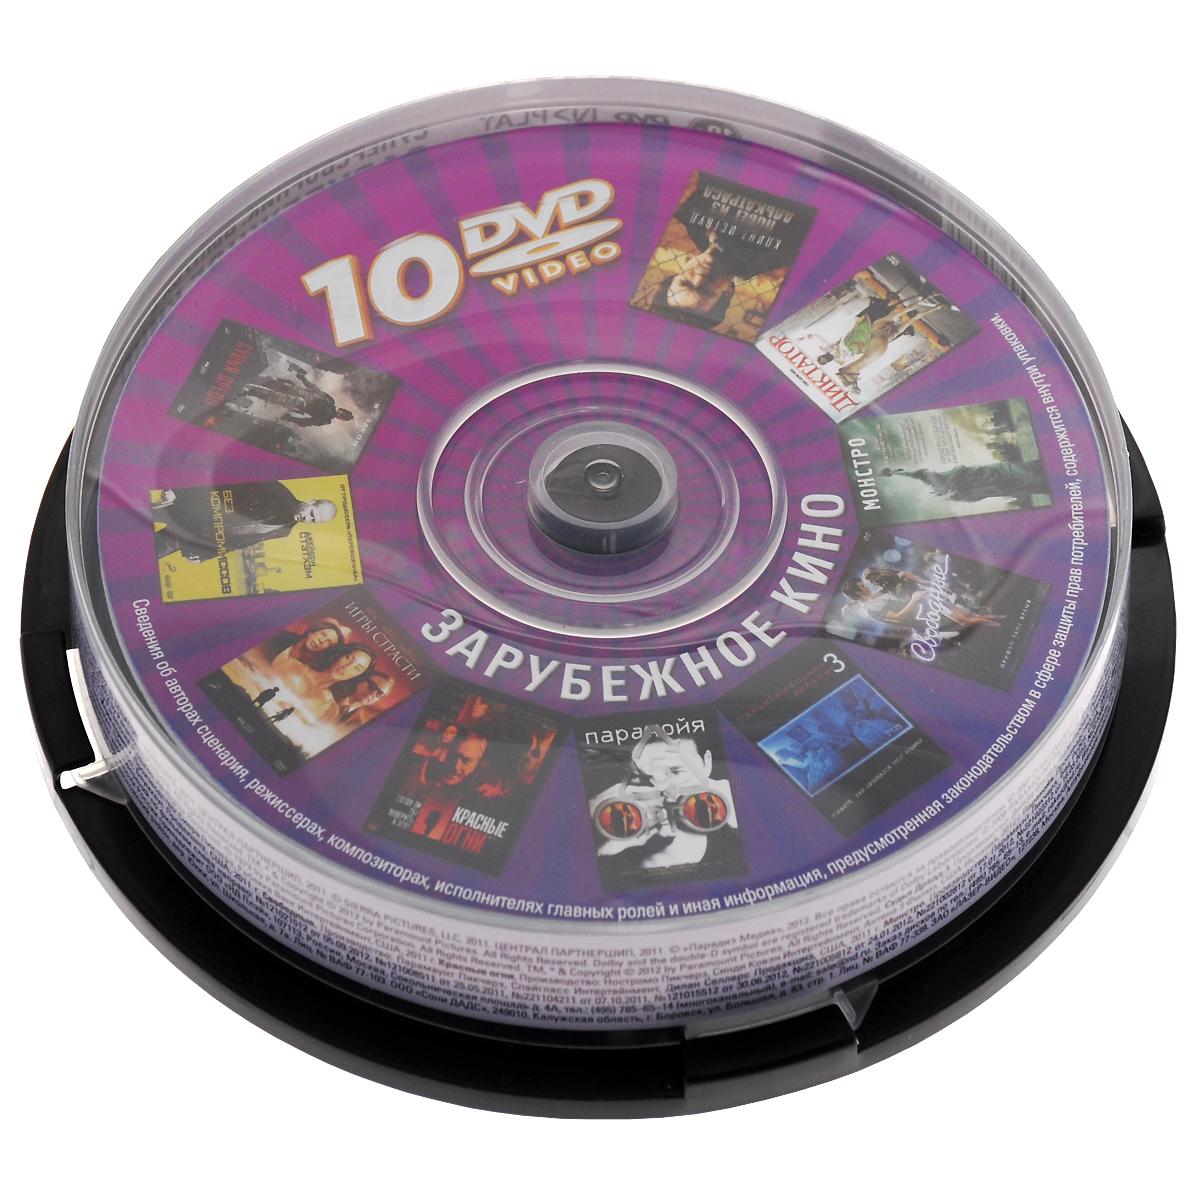 Суперсборник: Выпуск 2: Зарубежное кино (10 DVD) новый диск dvd русские сказки выпуск 2